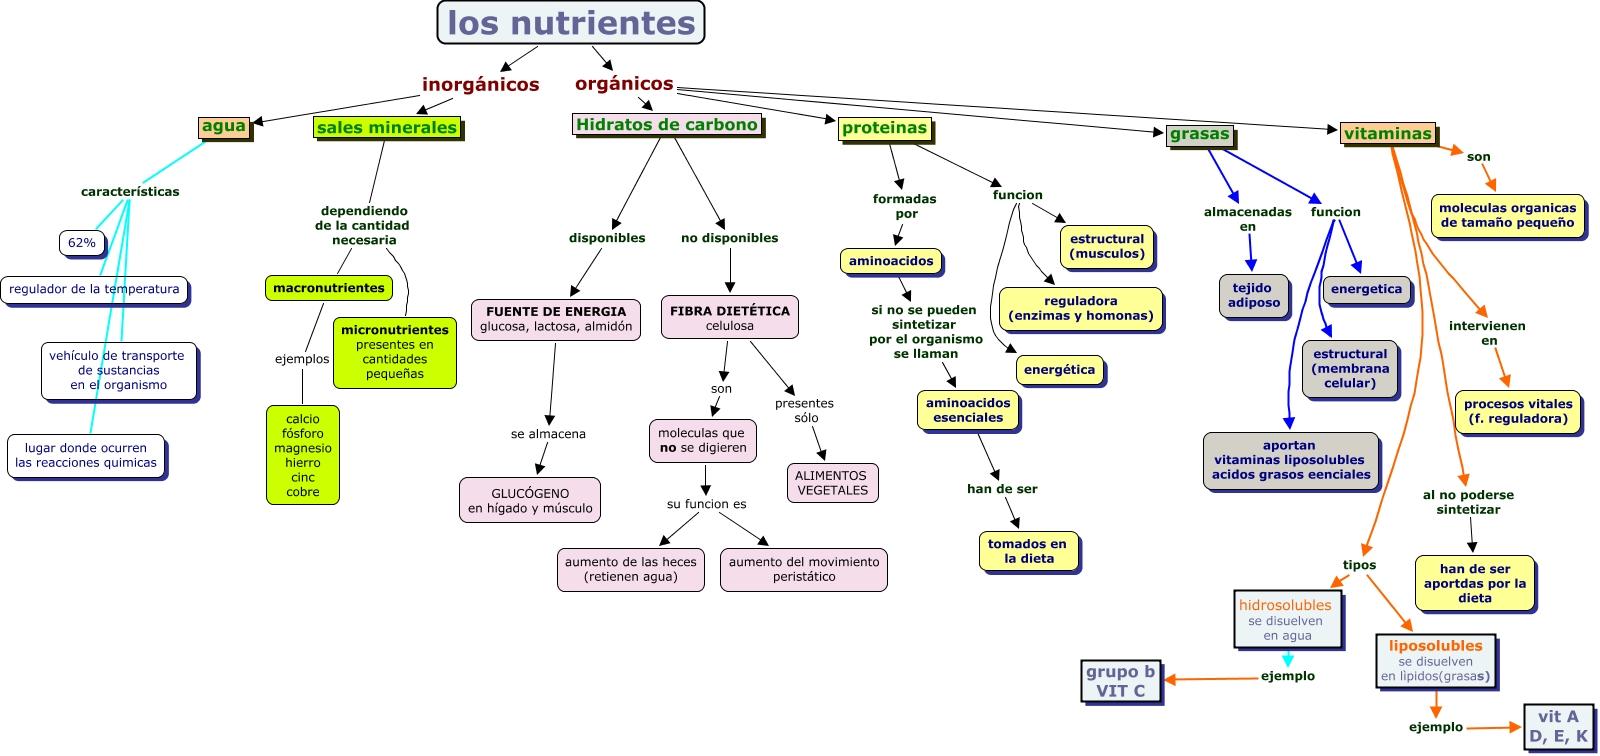 tipos nutrientes